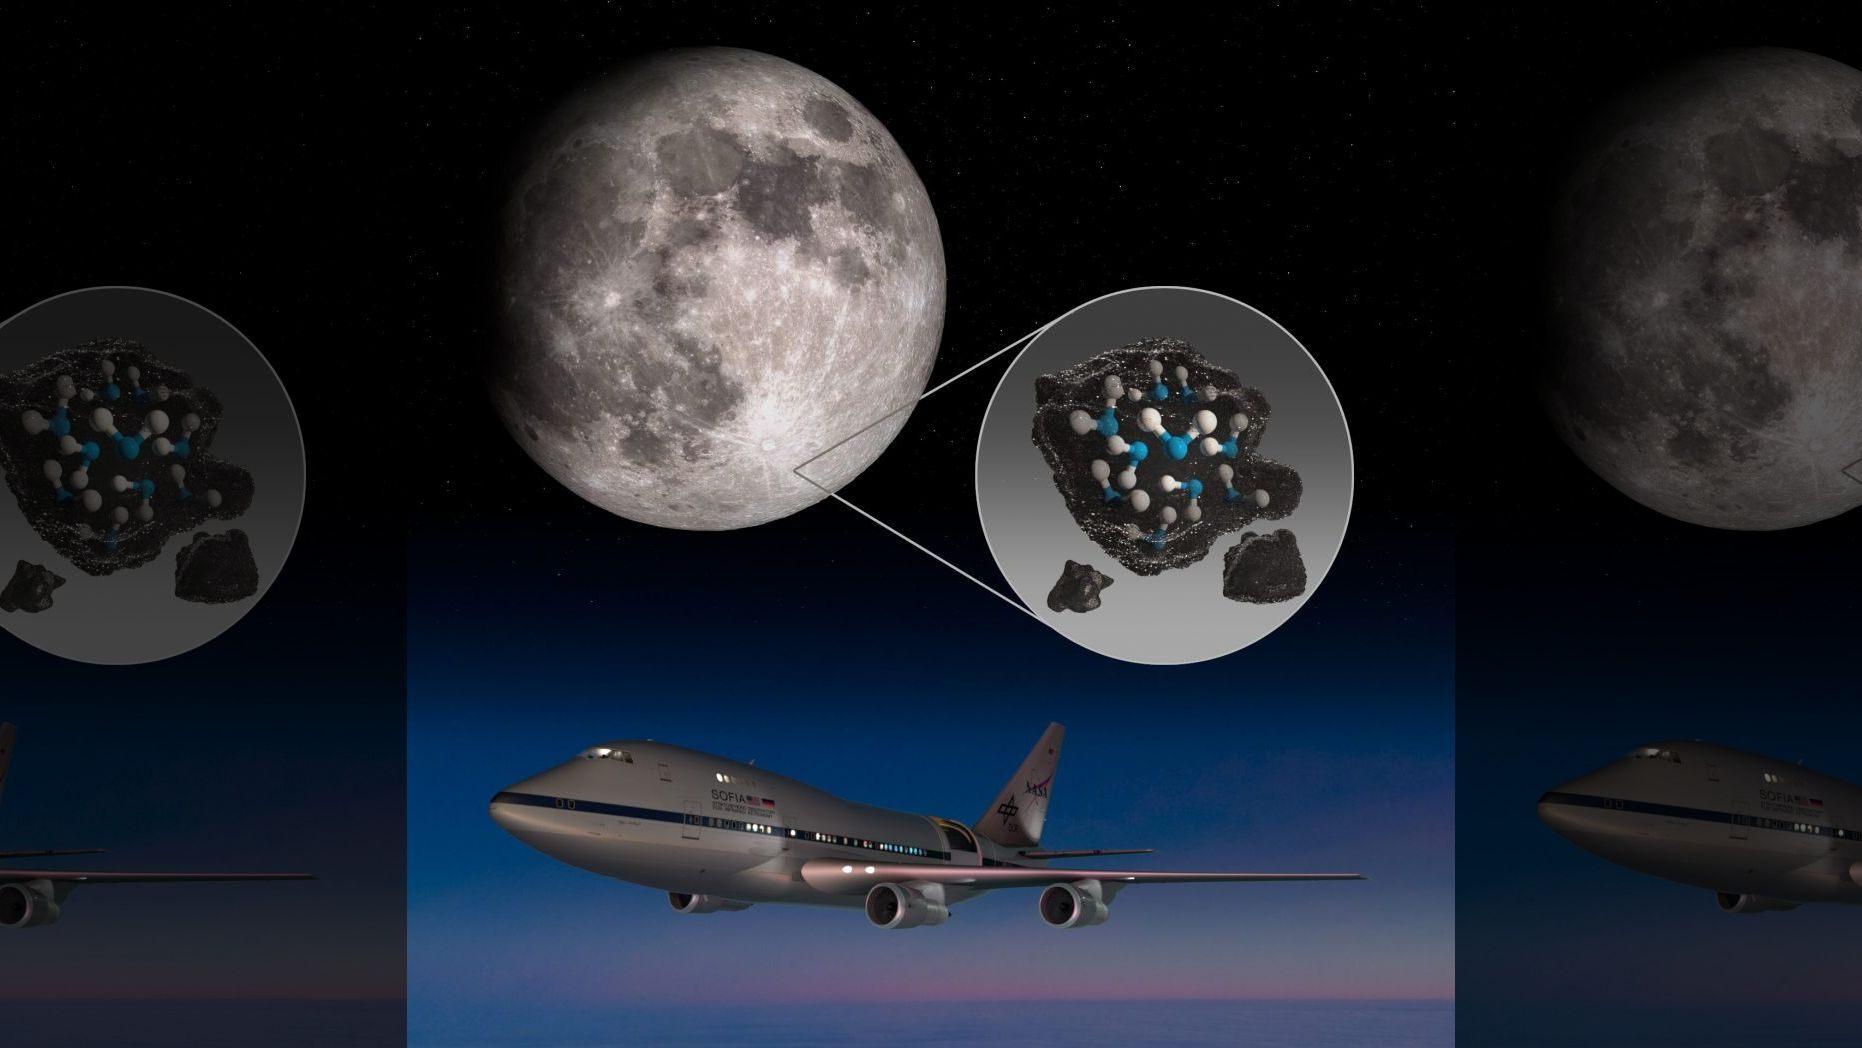 該圖突出顯示了月球表面上的克拉維斯環形山(Clavius),並描繪了困在月球土壤中的水,以及在月球陽面發現水的NASA(美國太空總署)平流層紅外天文觀測台(SOFIA)。(NASA)